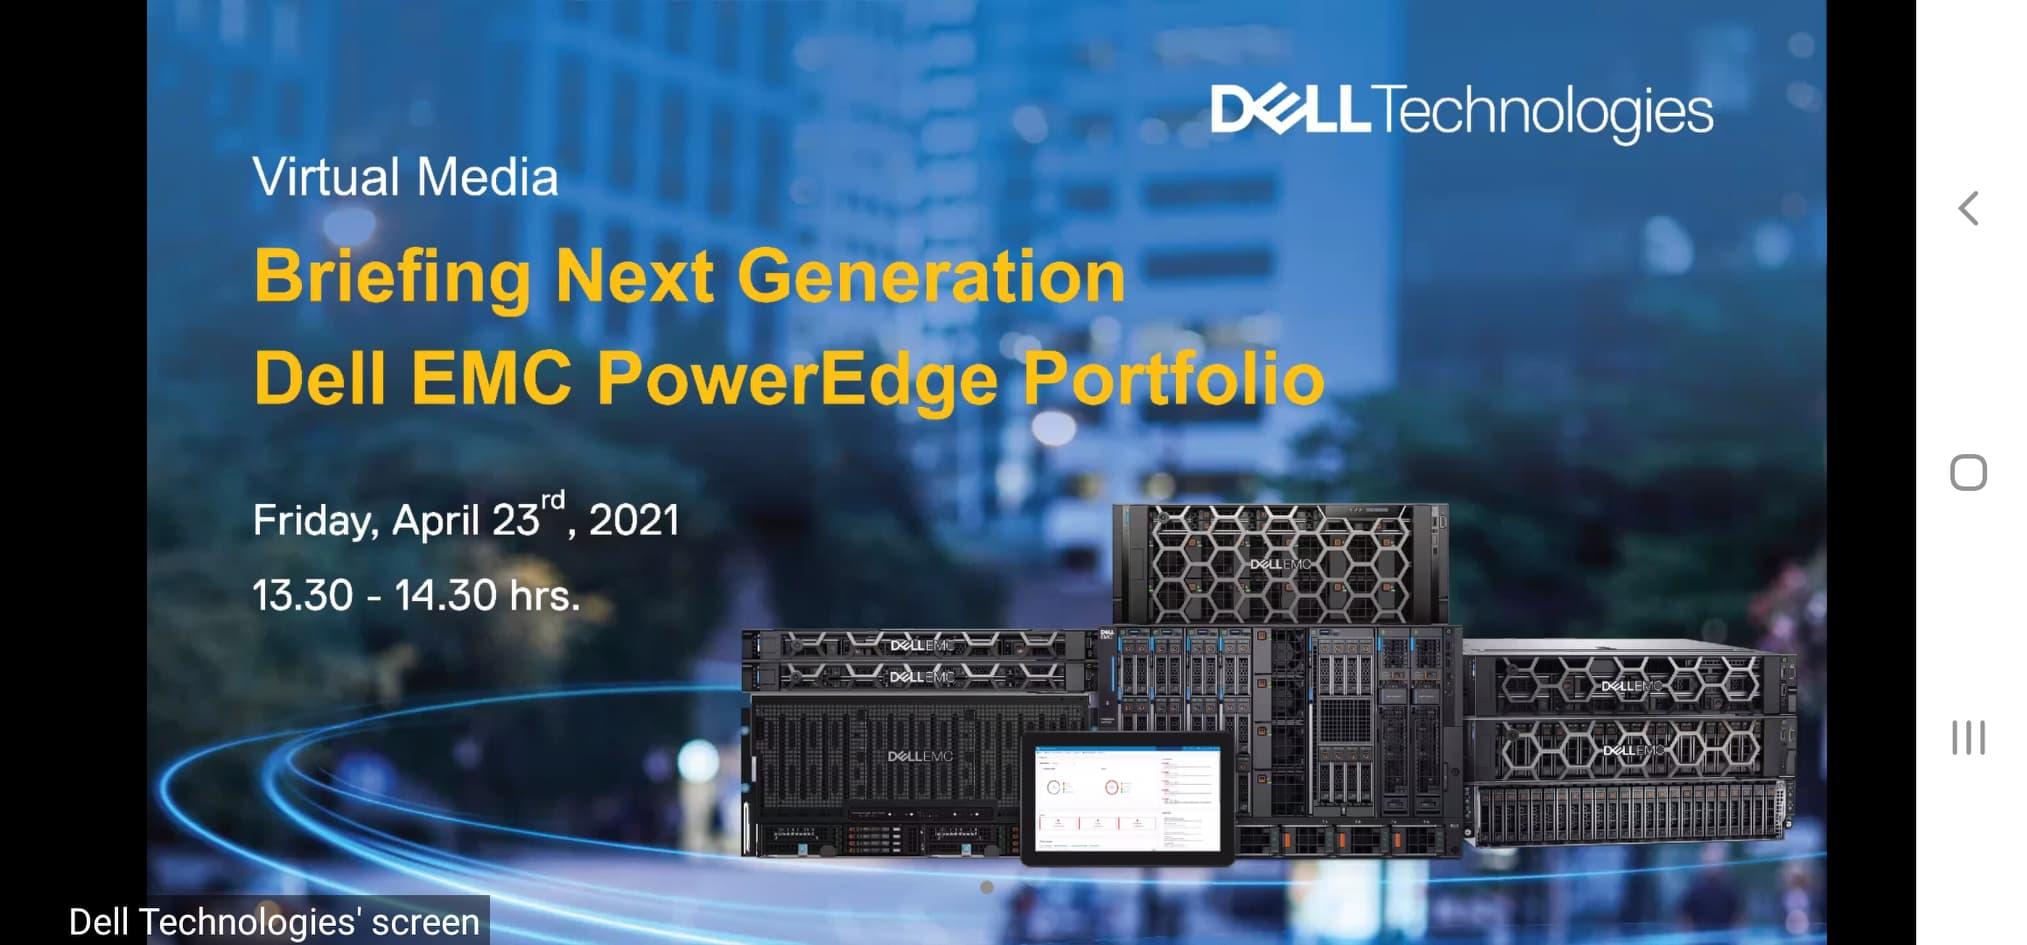 เดลล์ เทคโนโลยีส์ เปิดตัว เน็กซ์เจน PowerEdge เซิร์ฟเวอร์ แกนพลังขับเคลื่อน AI พร้อมเอดจ์ คอมพิวติ้ง สายผลิตภัณฑ์ Dell EMC PowerEdge